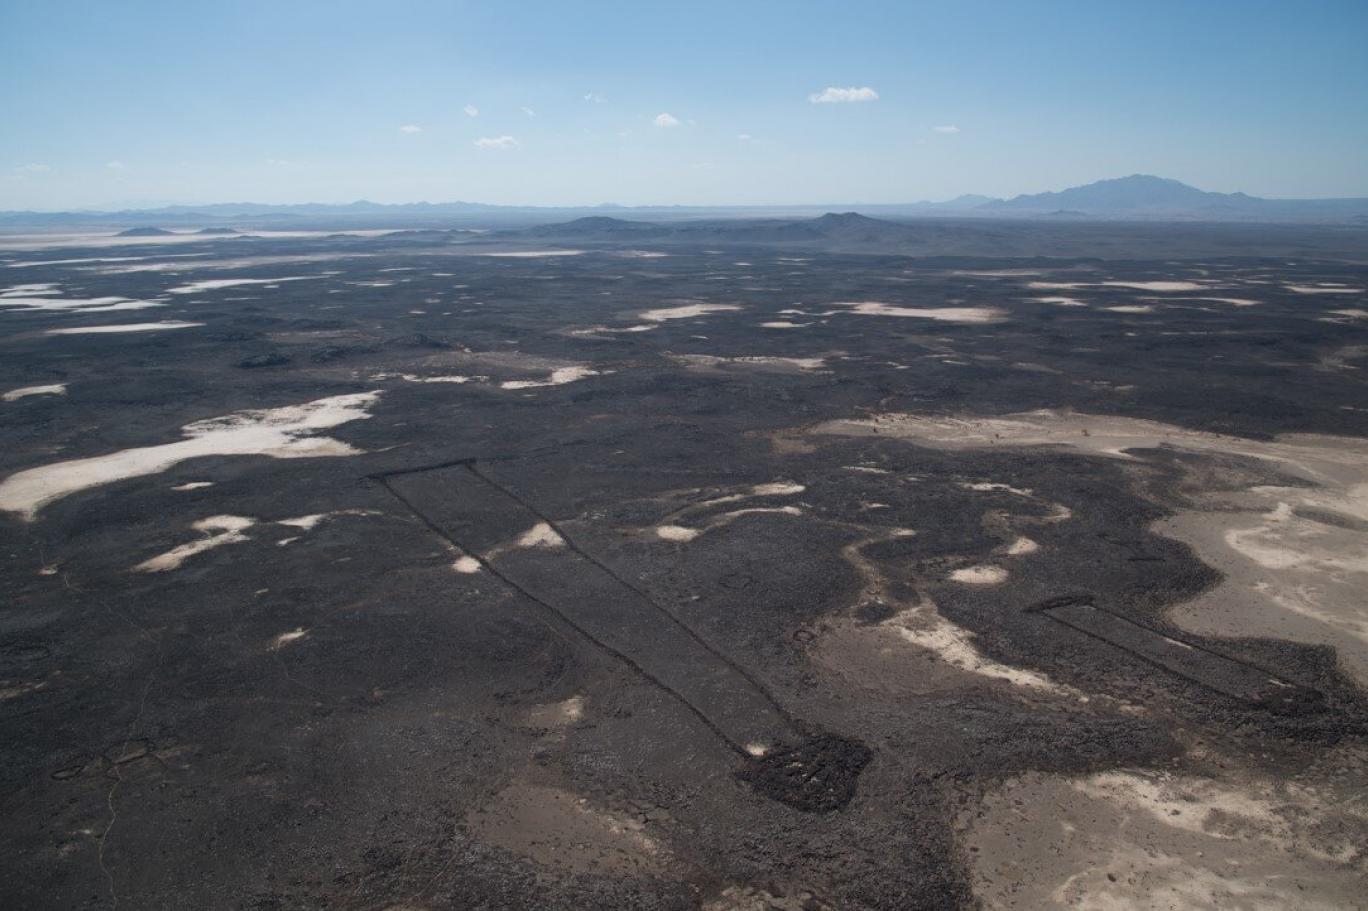 مستطيلات الصحراء التي يعود عمرها إلى آلاف السنين والمكتشفة في العلا وخيبر (الهيئة الملكية بالعلا)